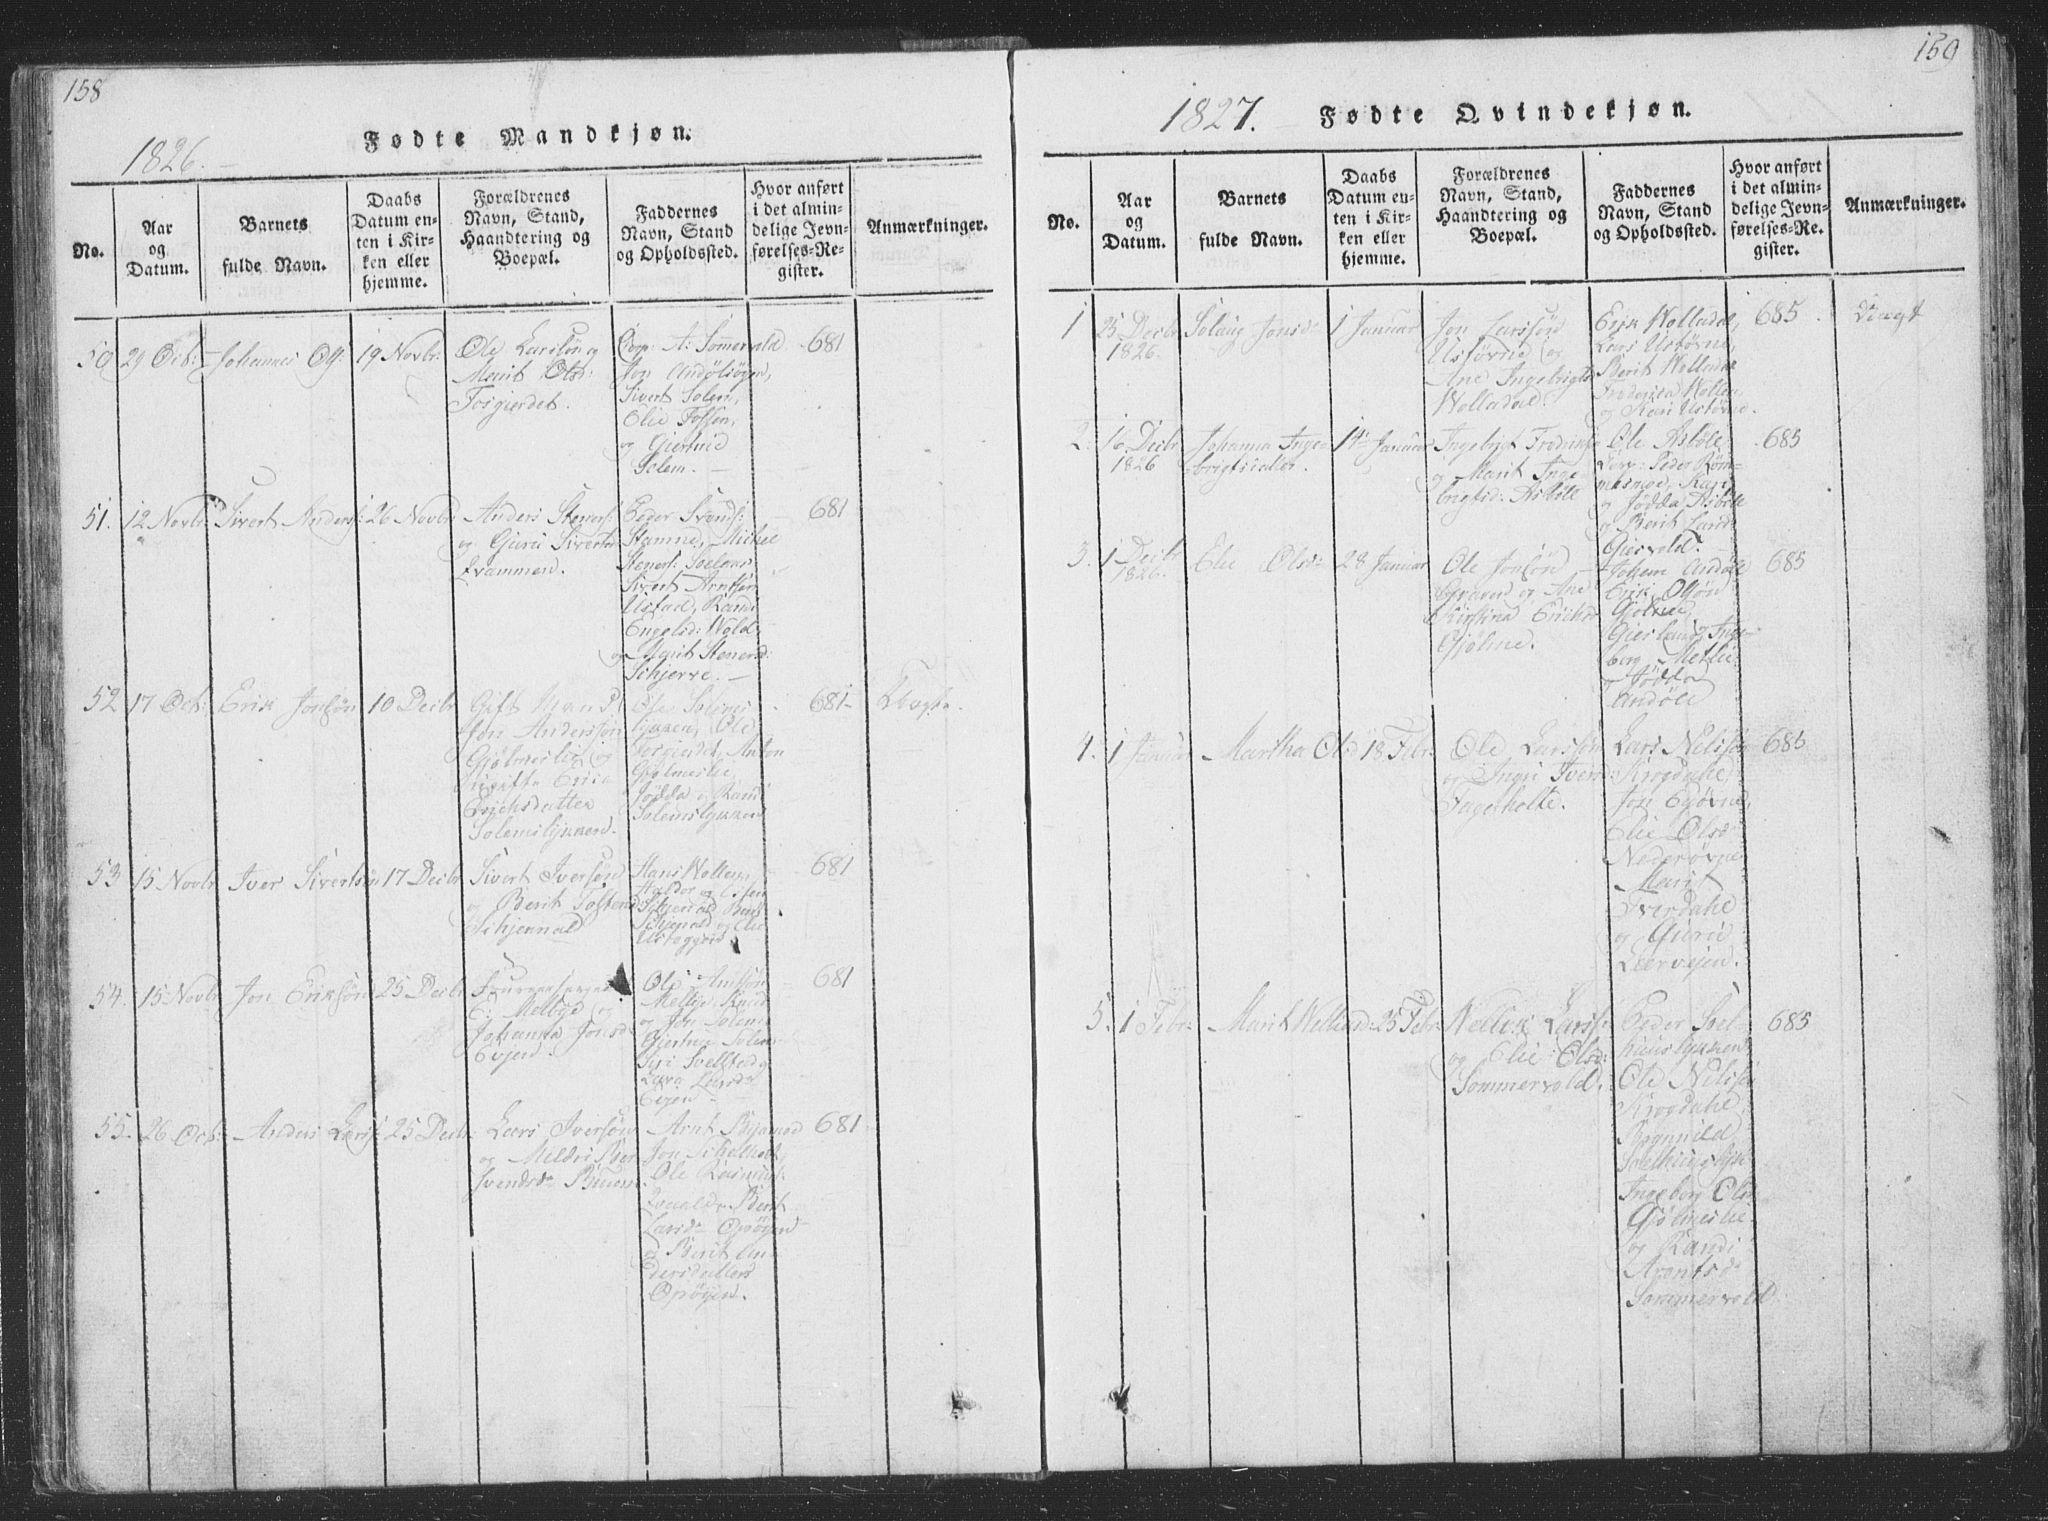 SAT, Ministerialprotokoller, klokkerbøker og fødselsregistre - Sør-Trøndelag, 668/L0816: Klokkerbok nr. 668C05, 1816-1893, s. 158-159